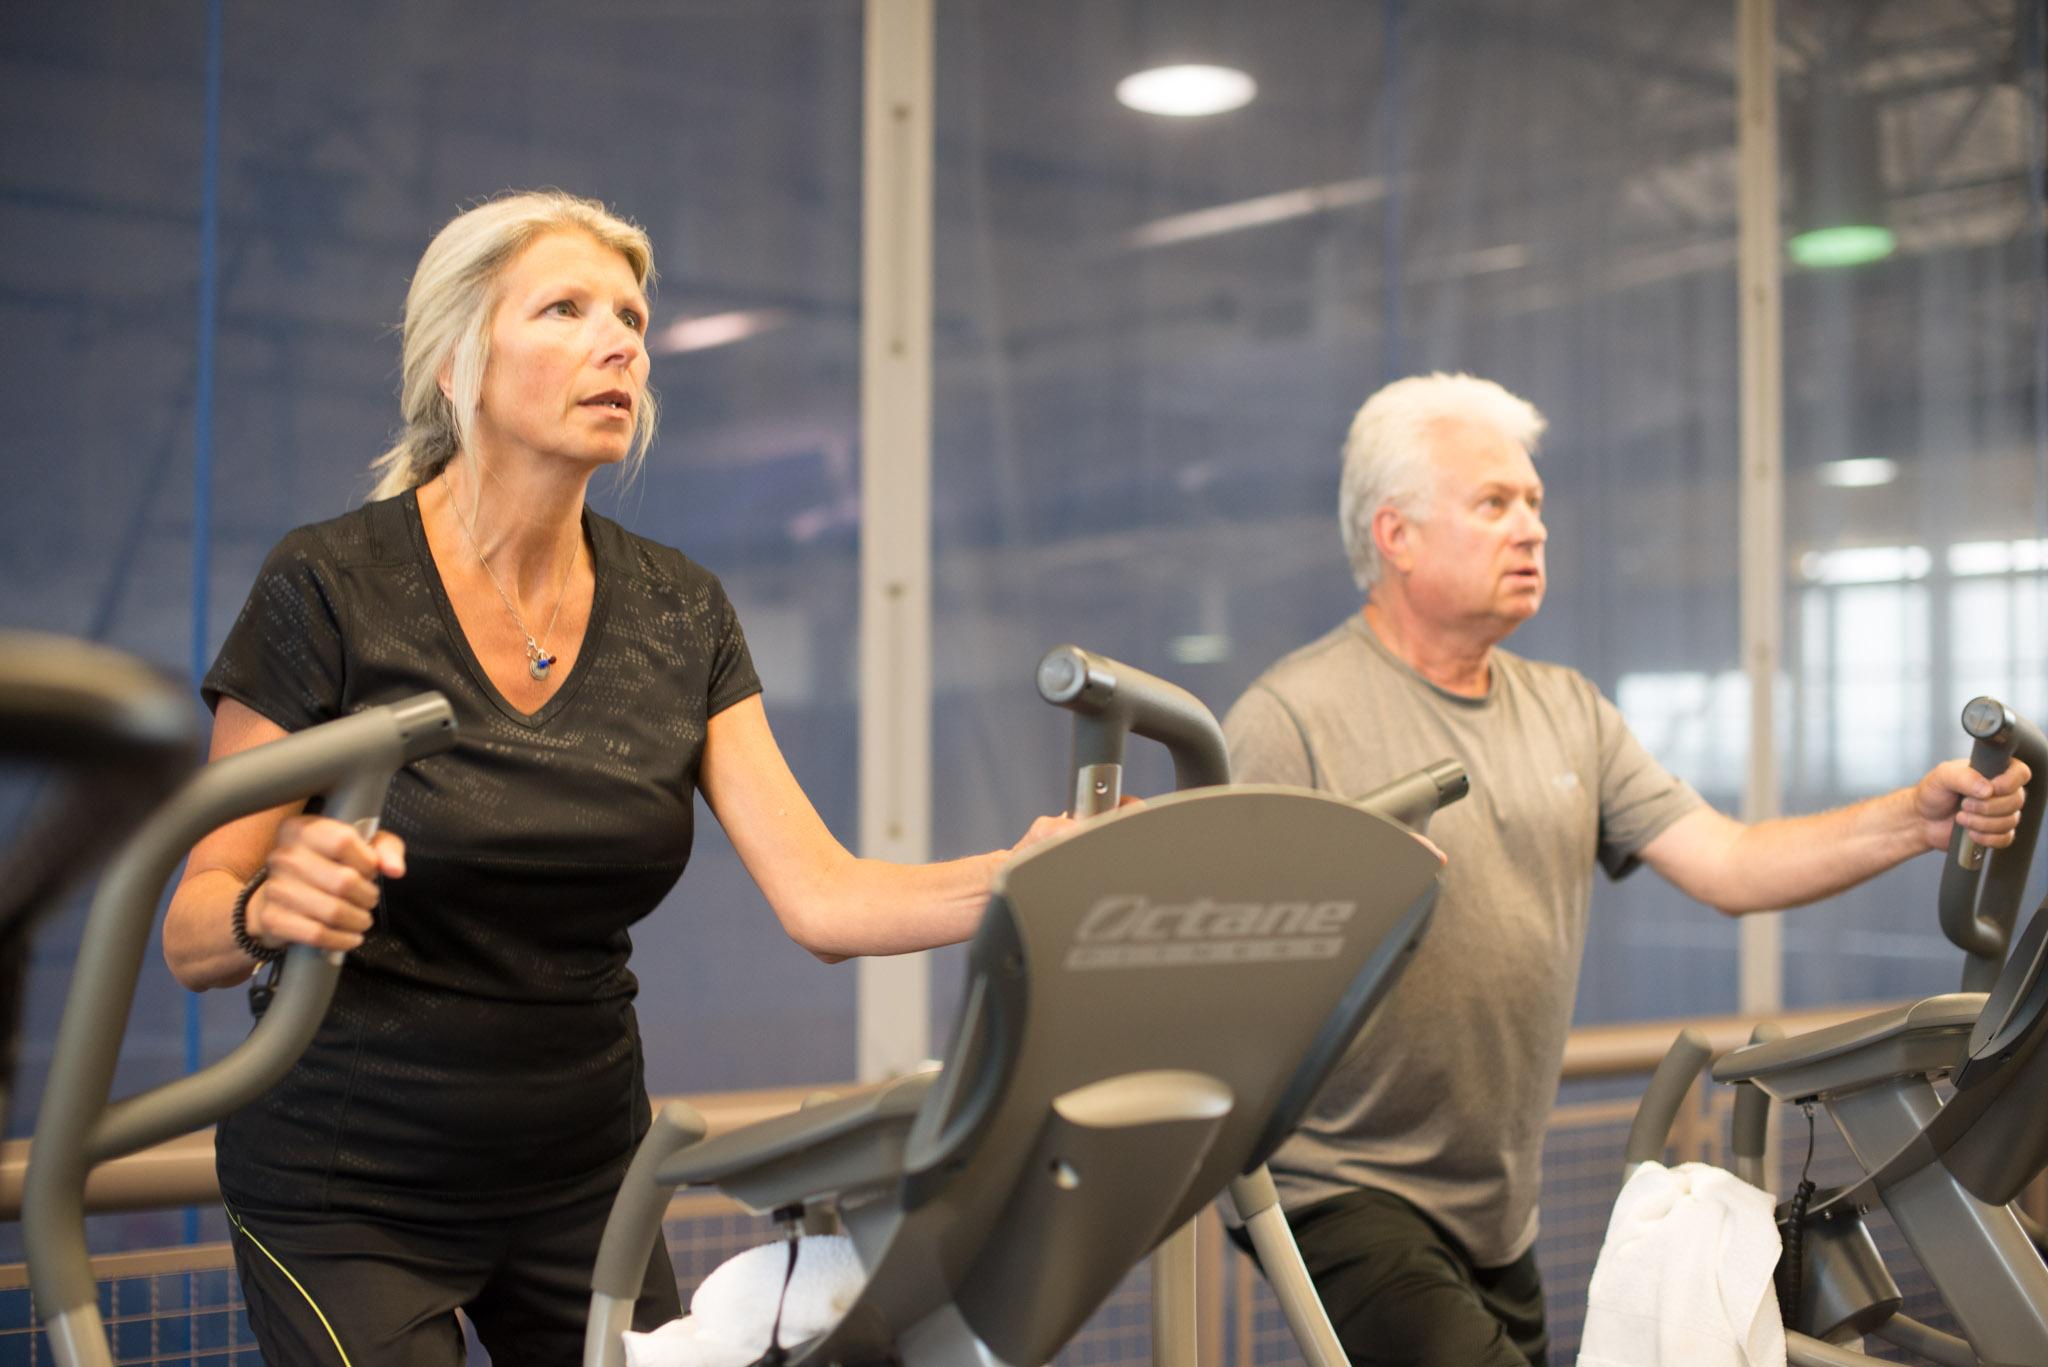 Wellness Center Stock Photos-1307.jpg